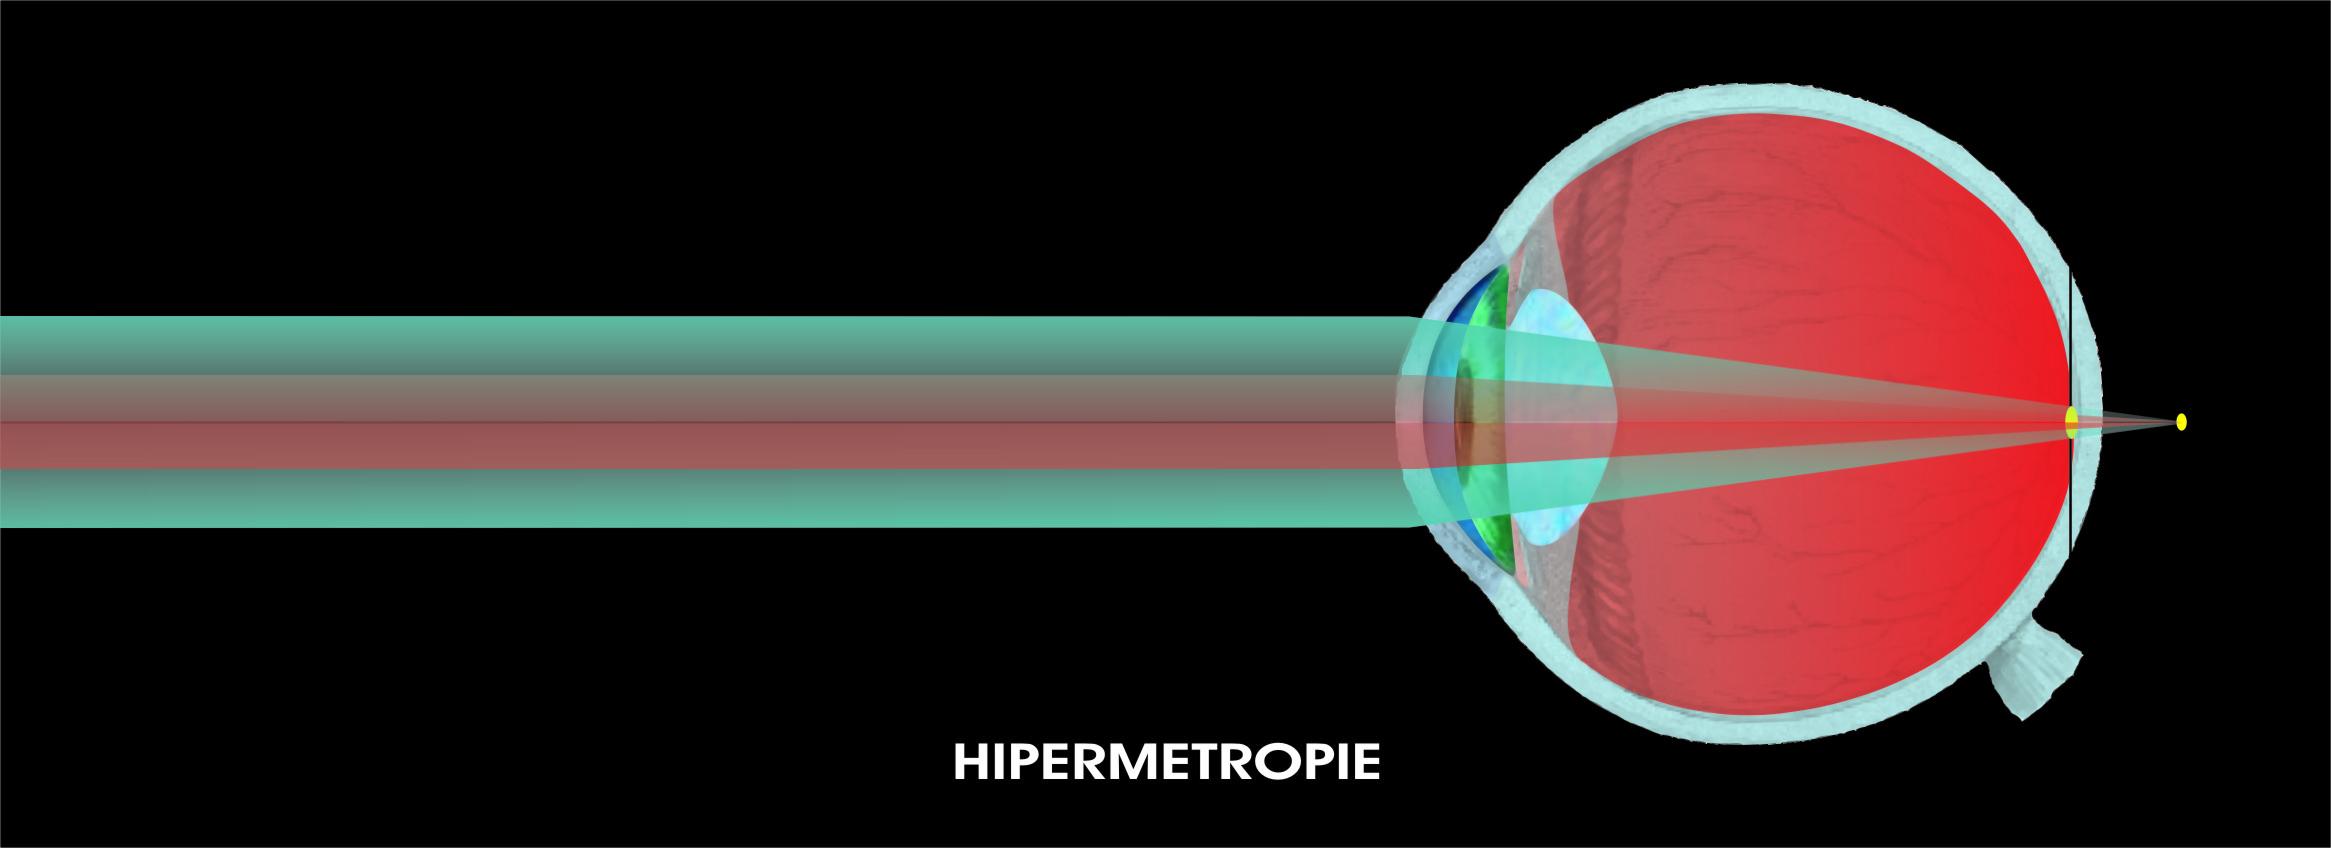 40 de ani de hipermetropie)